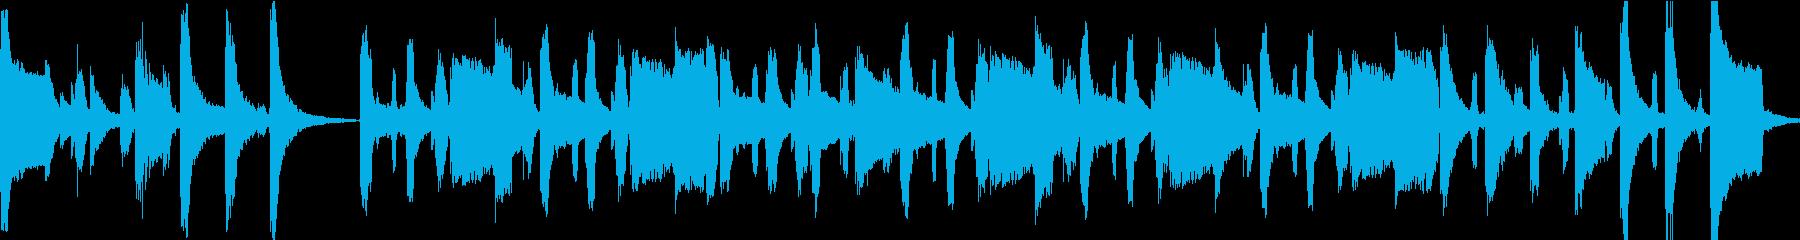 お座敷遊び歌の再生済みの波形